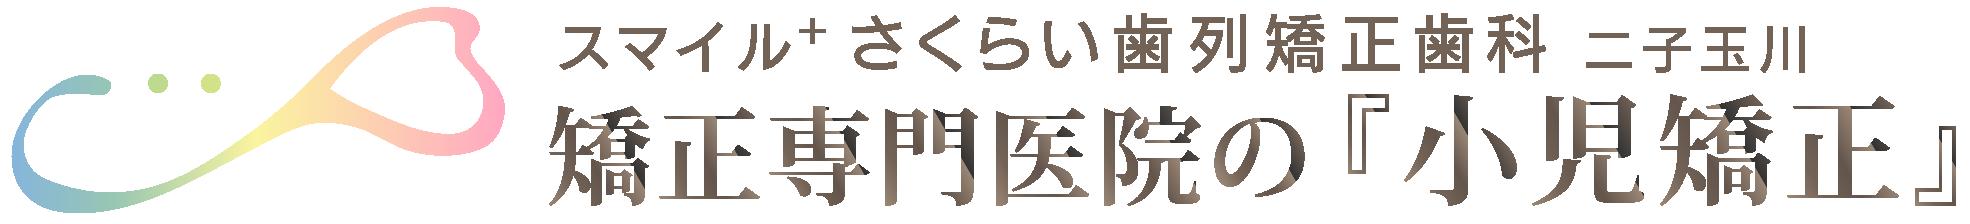 世田谷 二子玉川 小児矯正|『子供の歯並び専門サイト』